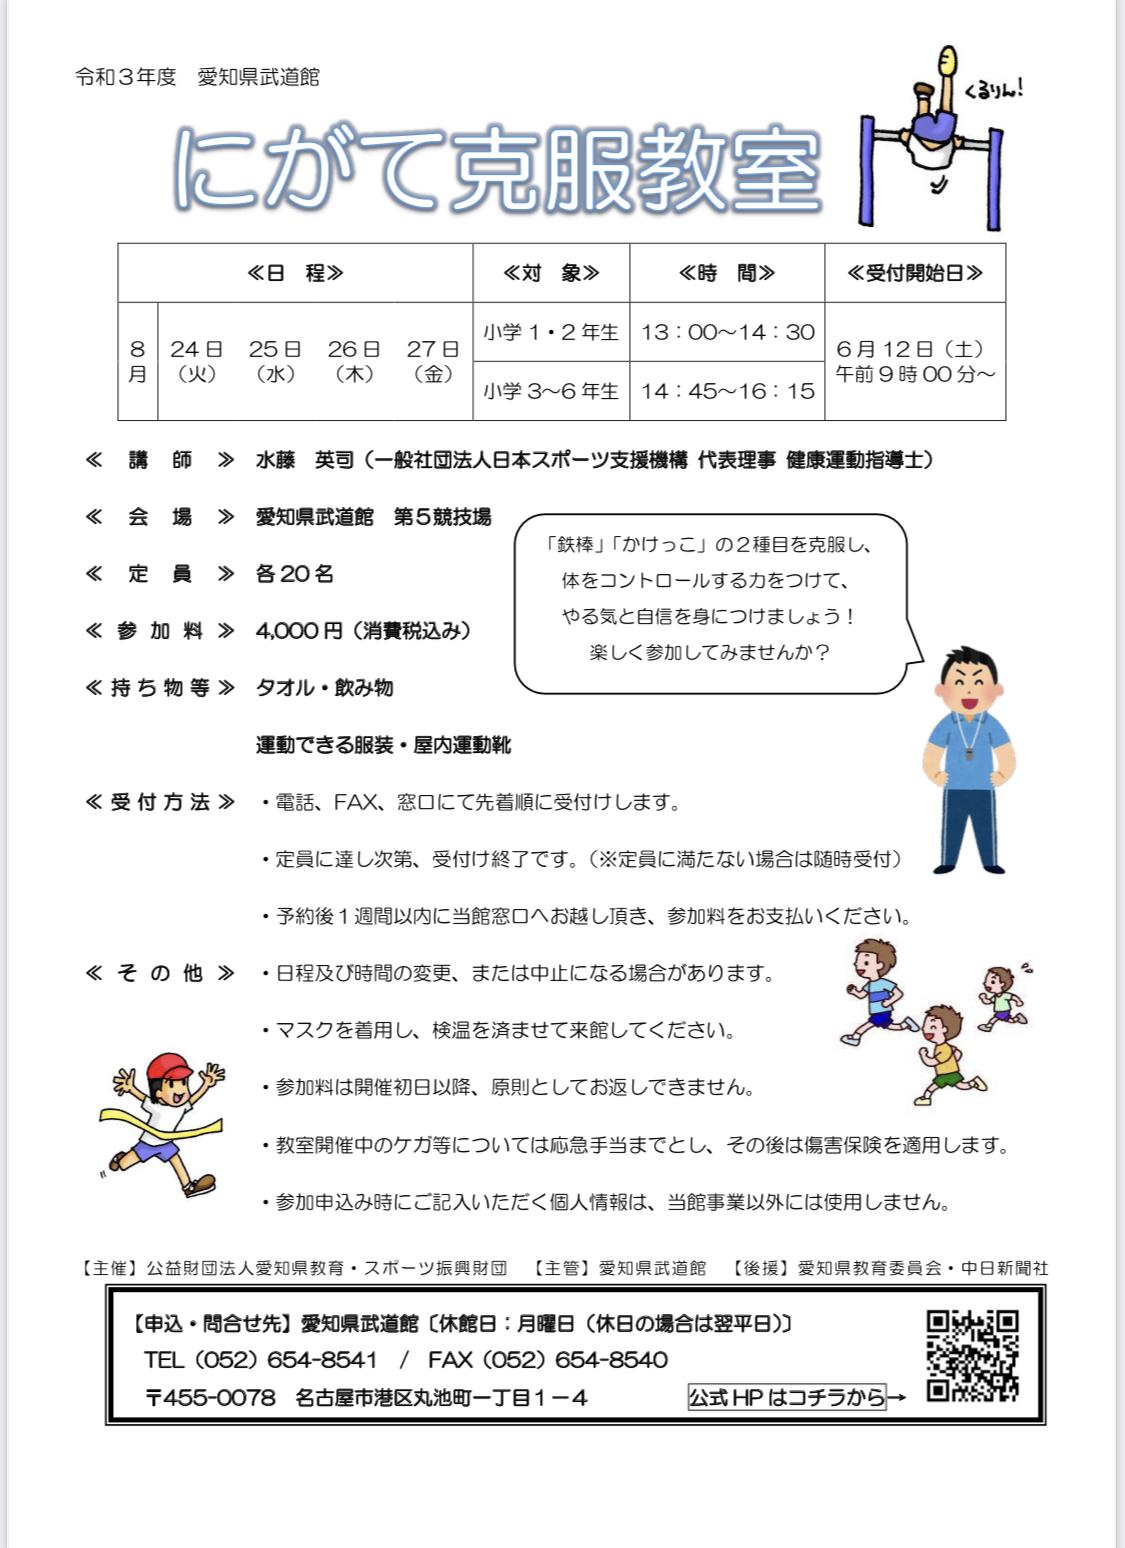 愛知県武道館 にがて克服教室